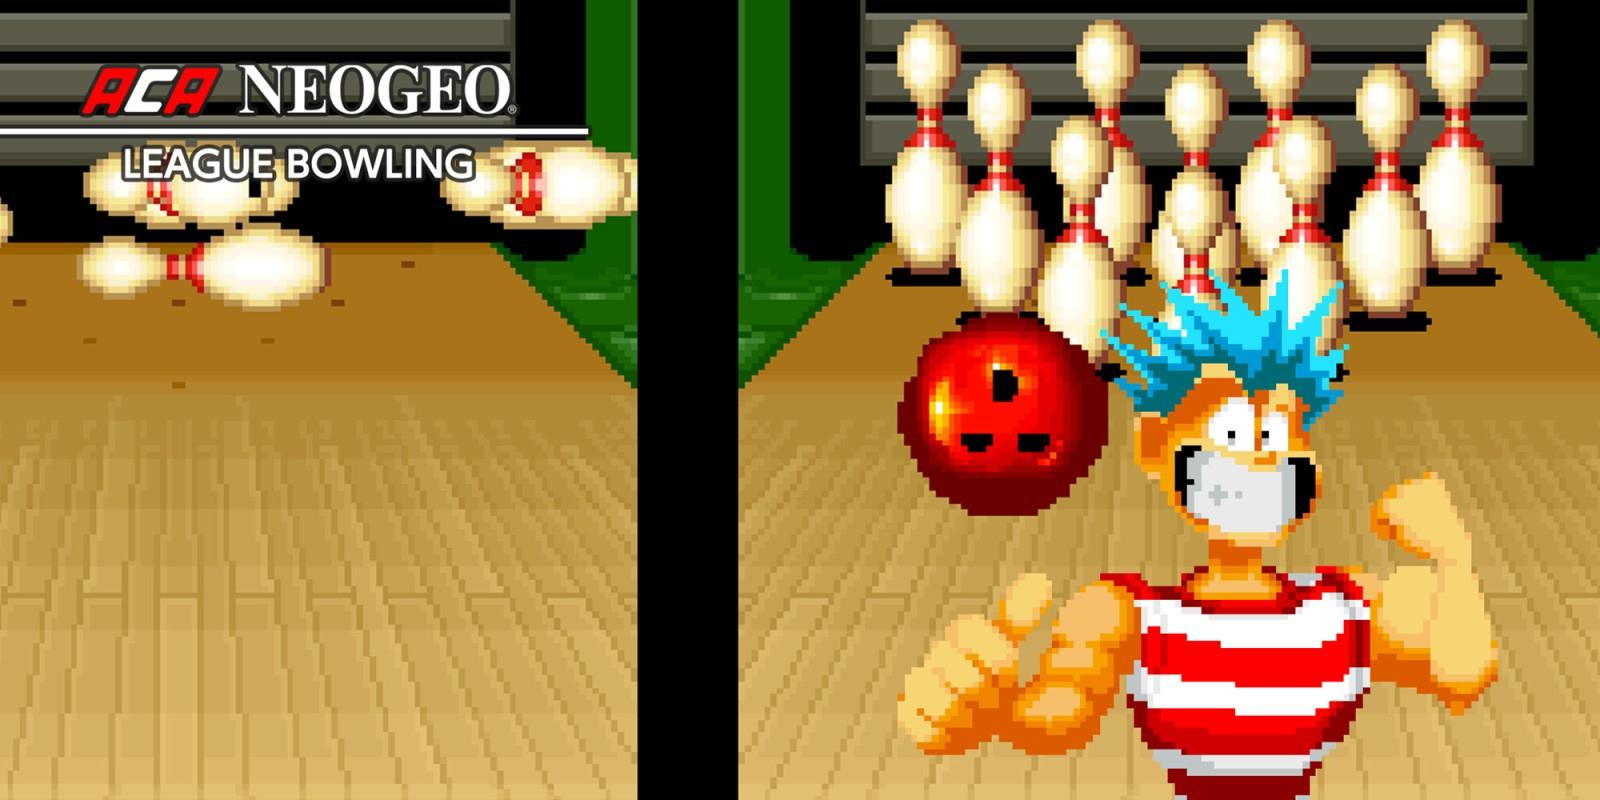 Aca Neogeo League Bowling | Jeux À Télécharger Sur Nintendo tout Jeux De Bouligue